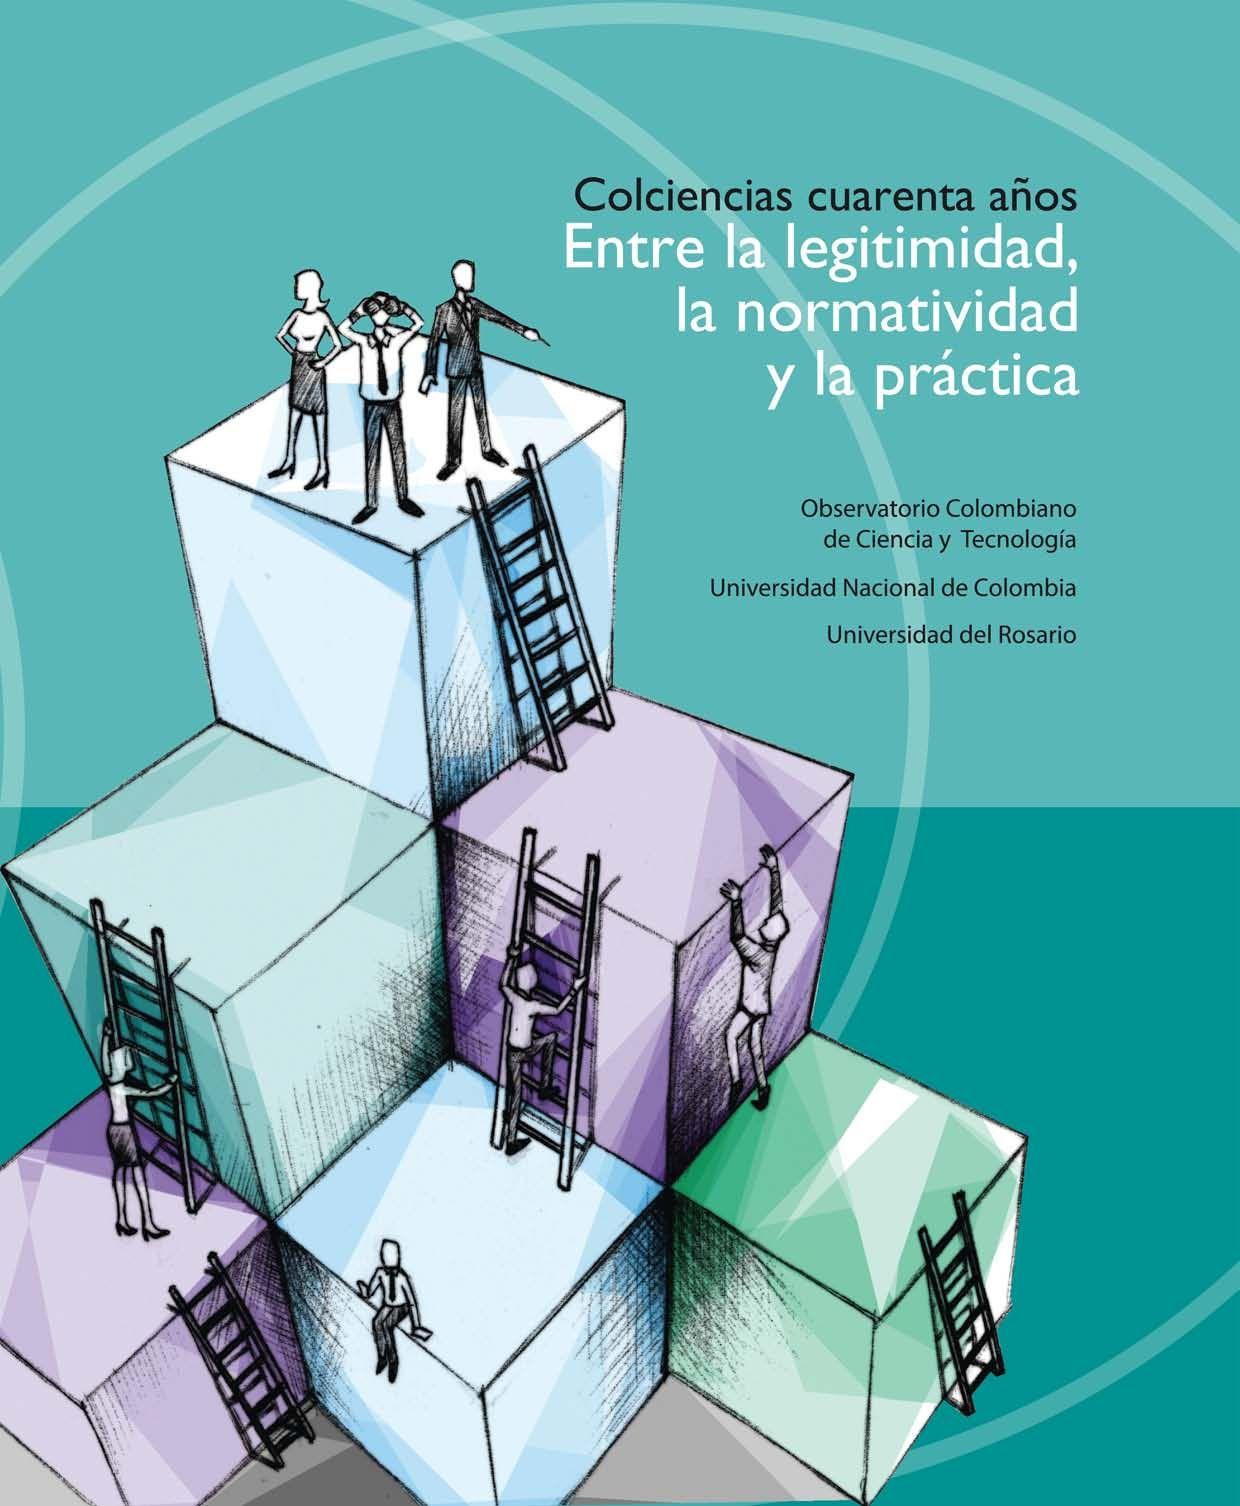 """El Observatorio Colombiano de Ciencia y Tecnología (OCyT), presenta su más reciente publicación """"Colciencias cuarenta años. Entre la legitimidad, la normatividad y la práctica"""". - See more at: http://www.historiacienciaytecnologia.com/noticias/colciencias-cuarenta-anos-entre-la-legitimidad-la-normatividad-y-la-practica/#sthash.tPpLRbUS.dpuf"""